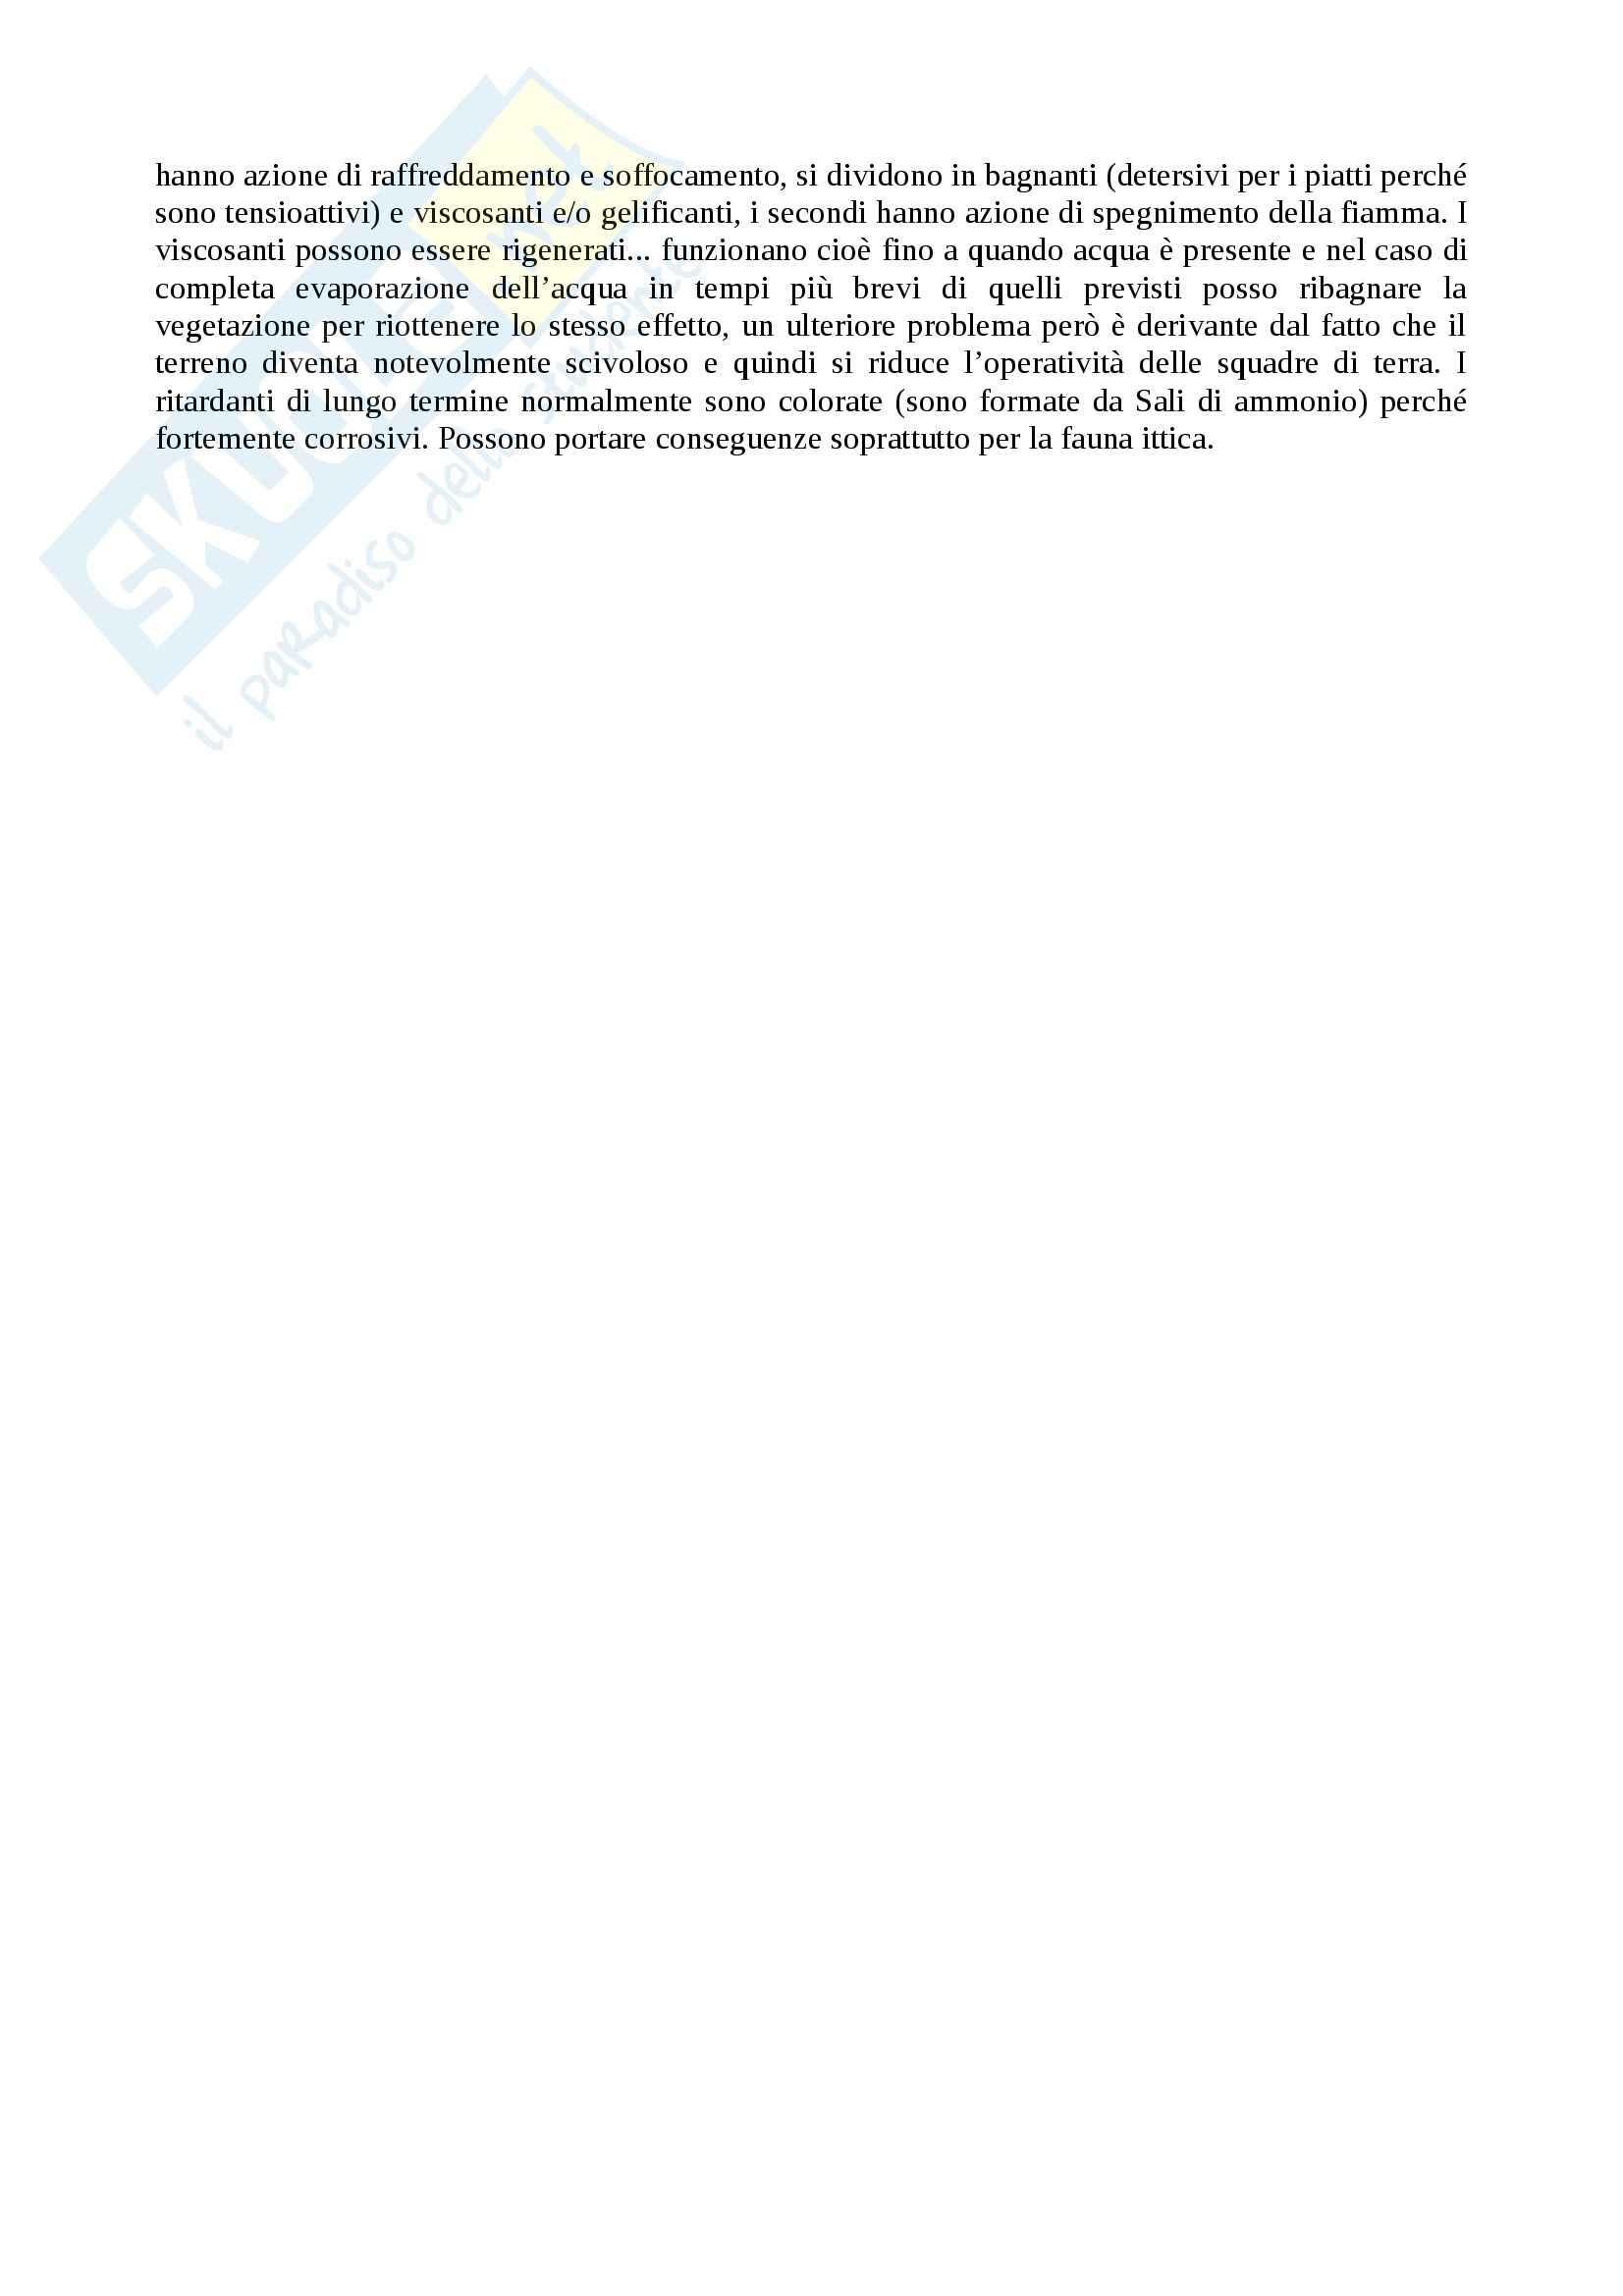 Tecnologie per la difesa dagli incendi boschivi - Appunti Pag. 11